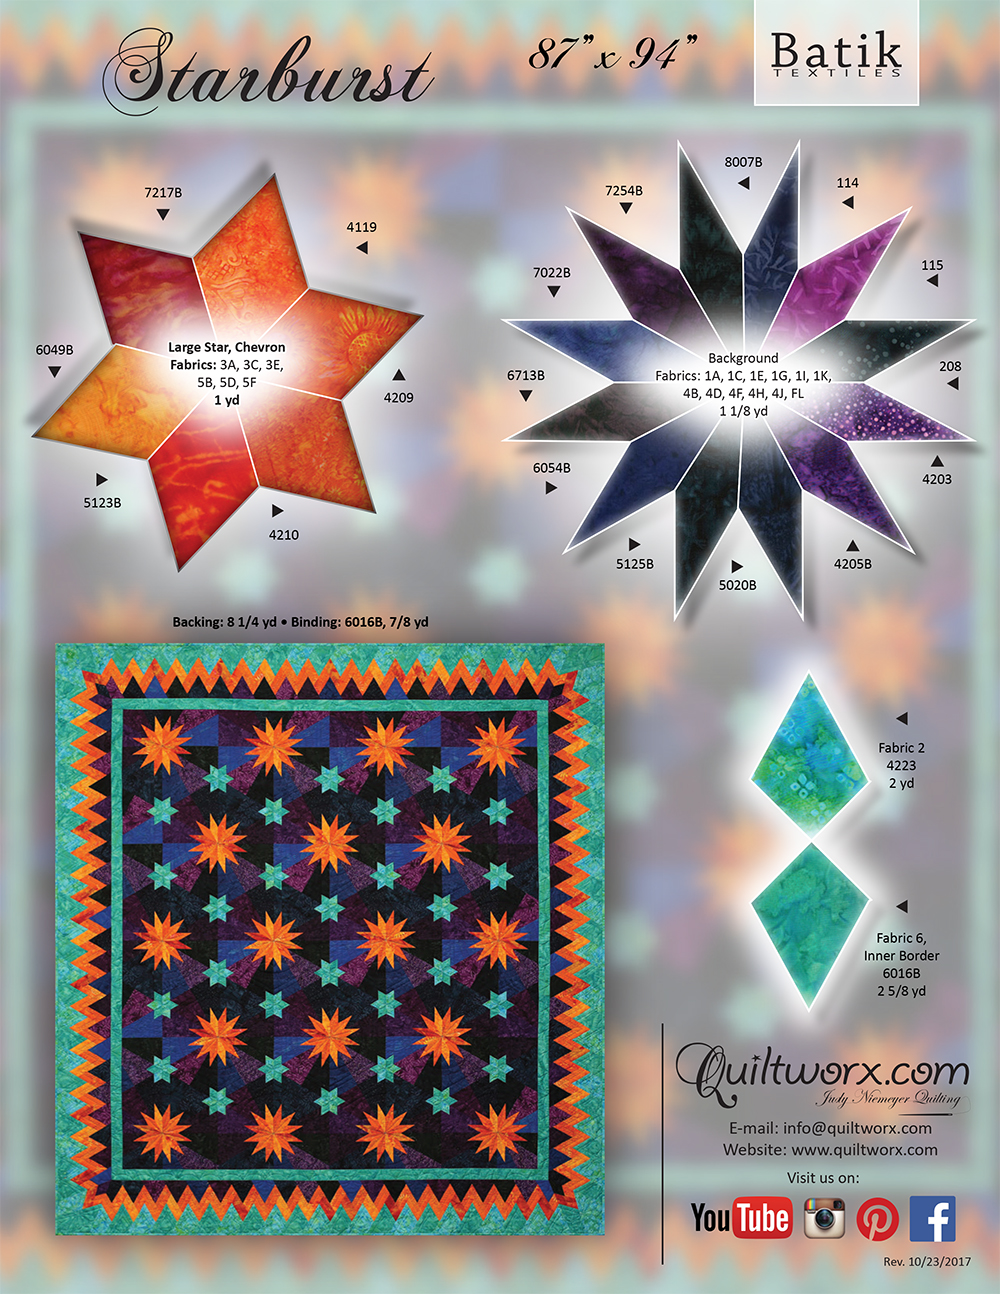 Starburst Batik Textiles KS-1_1000